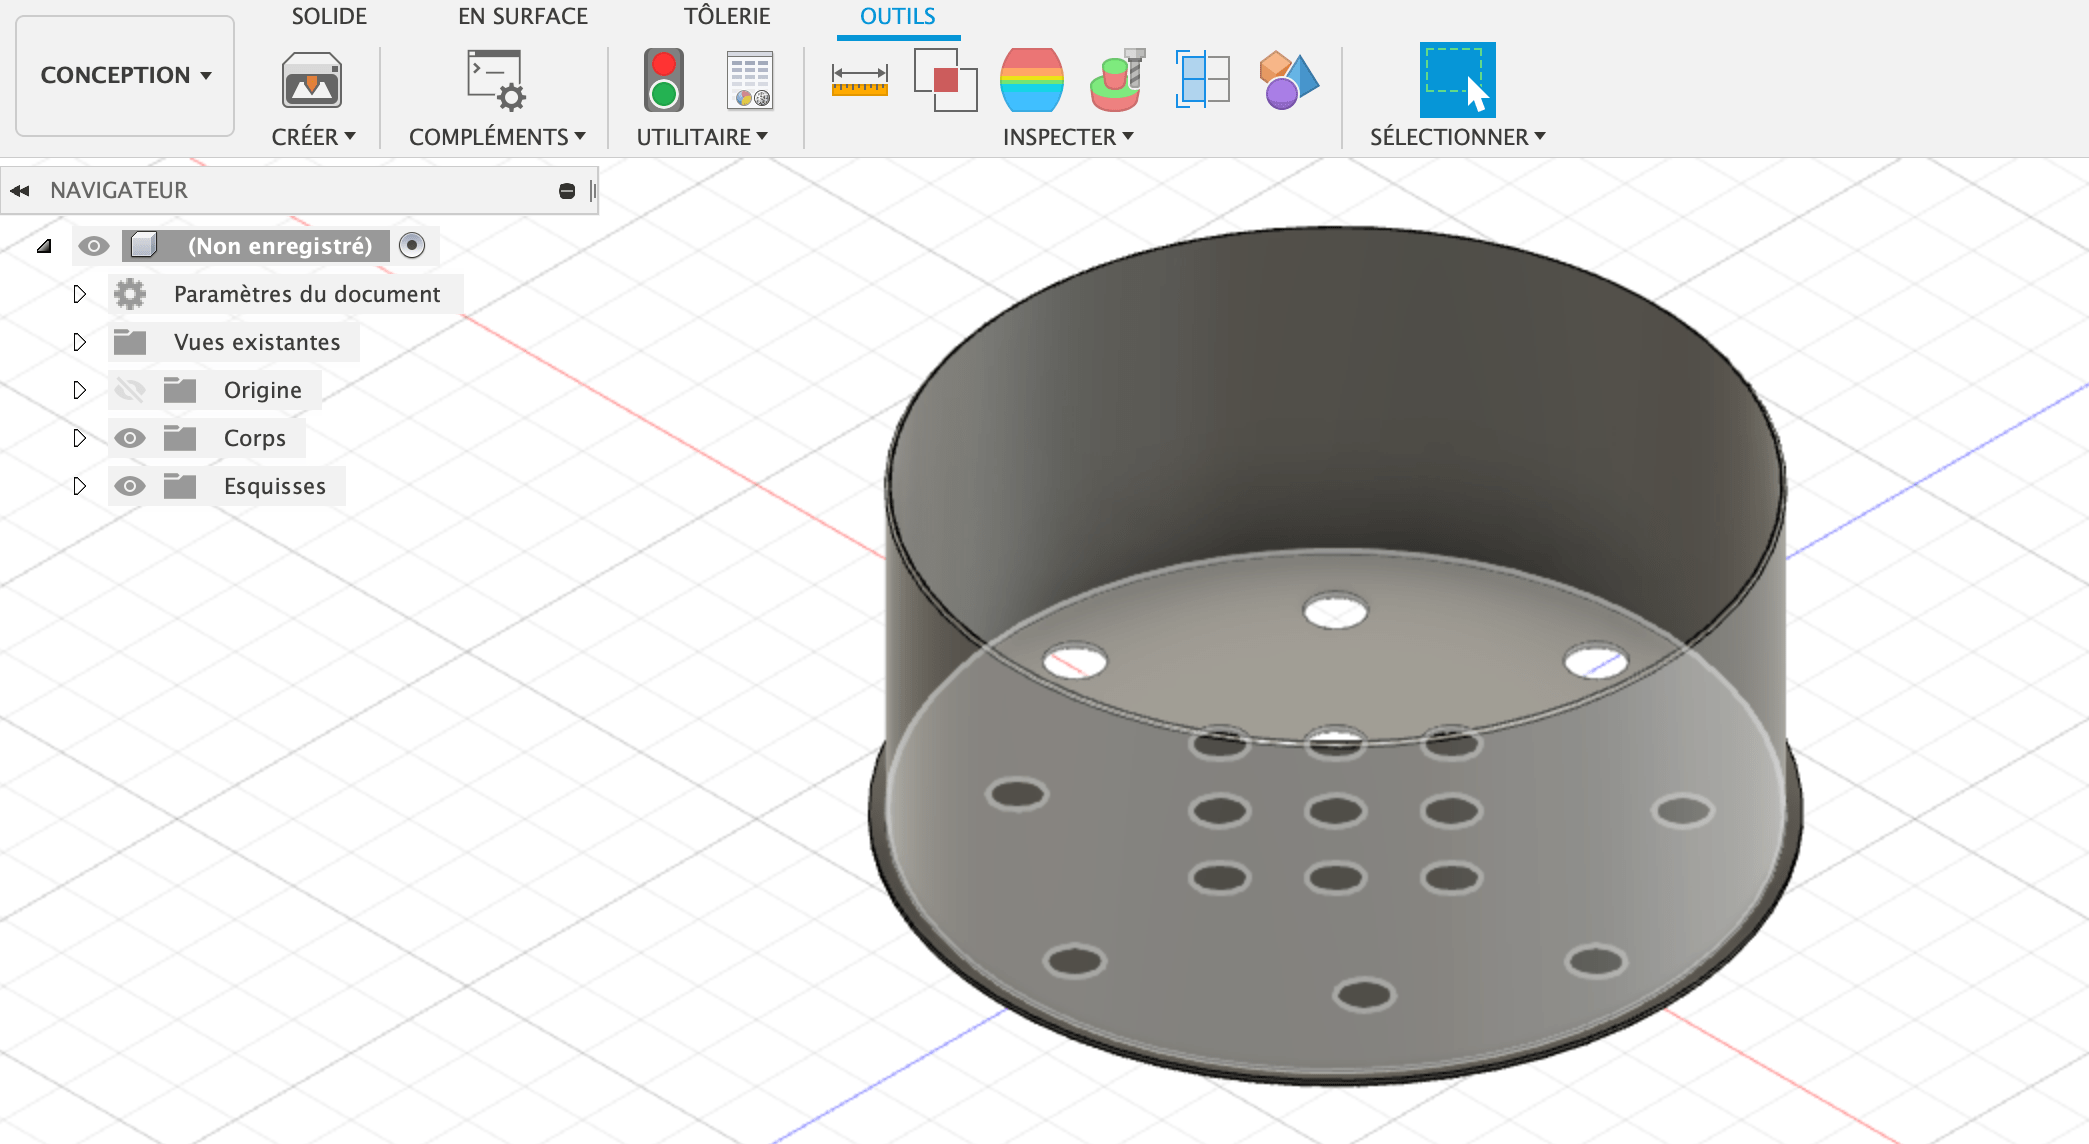 Modélisation 3D bouche de ventilation